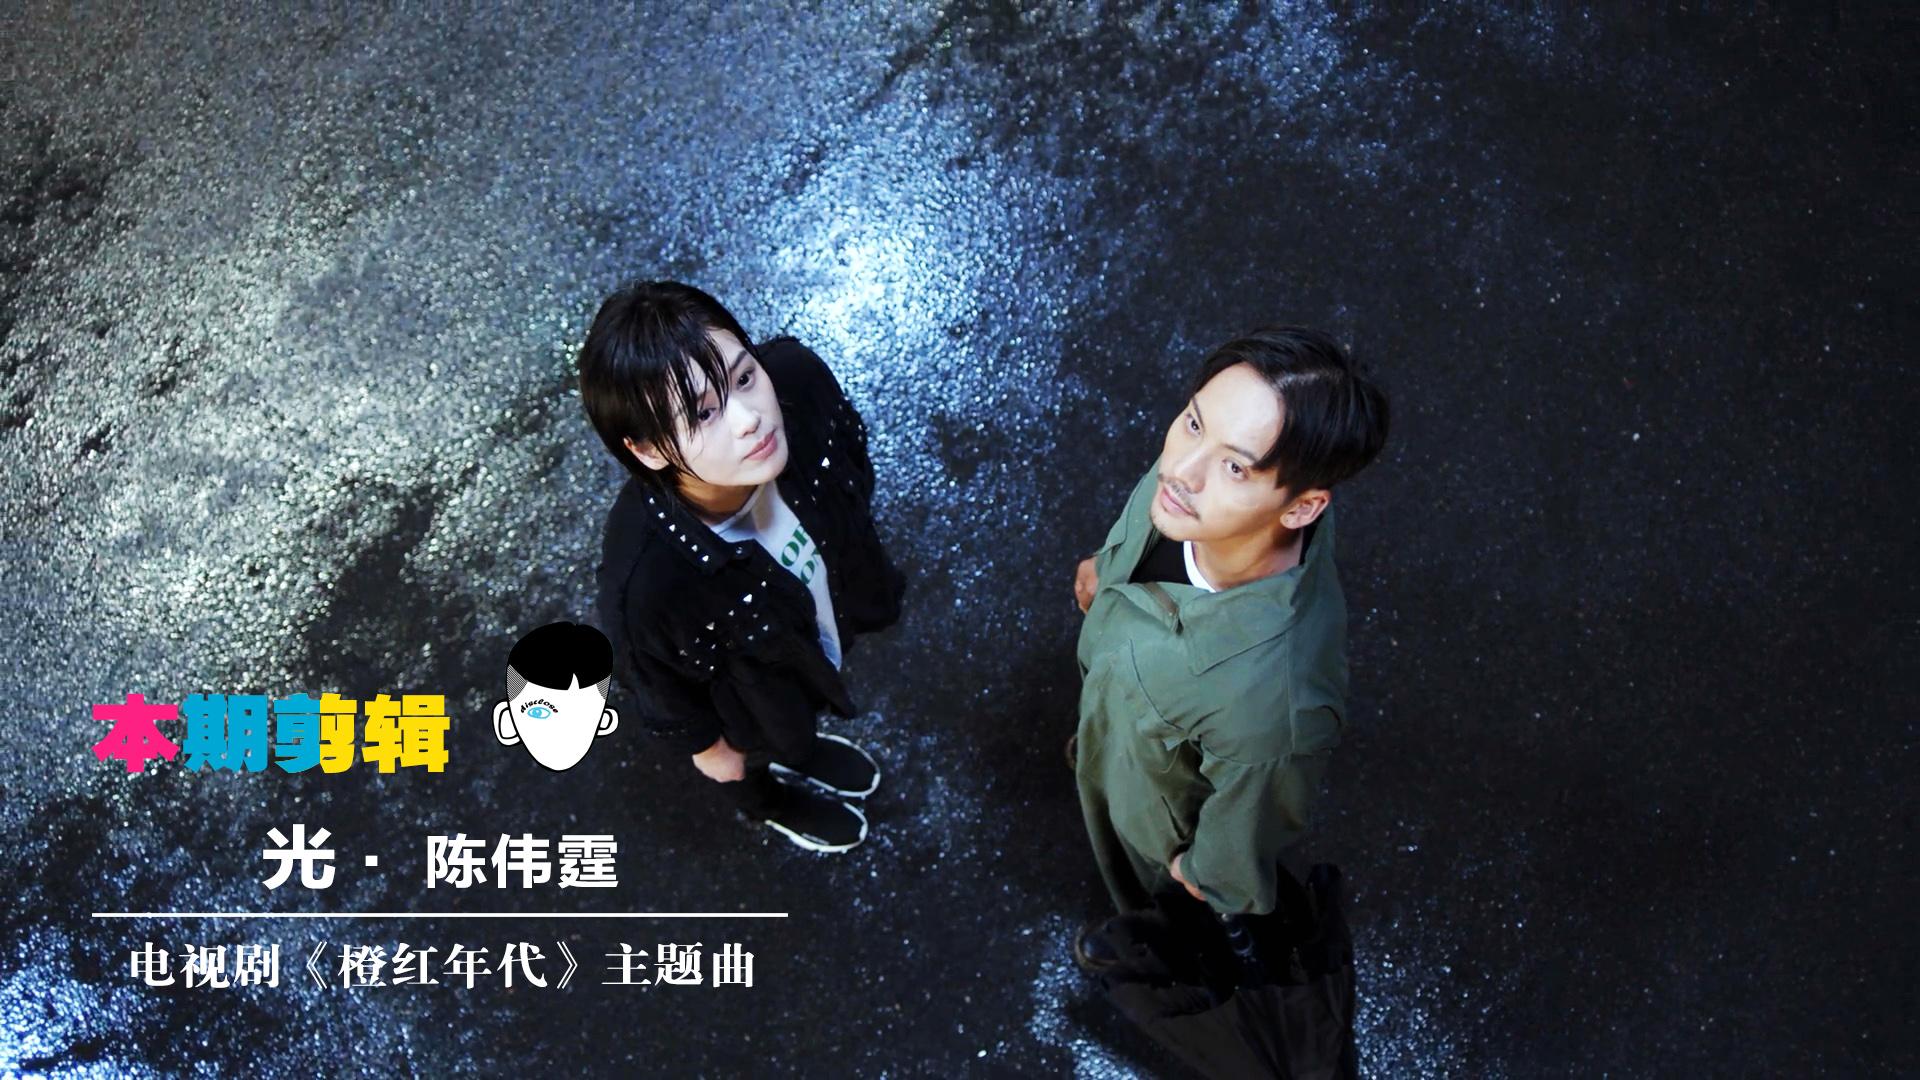 《橙红年代》胡蓉、刘子光雨中邂逅,陈伟霆献唱主题曲《光》